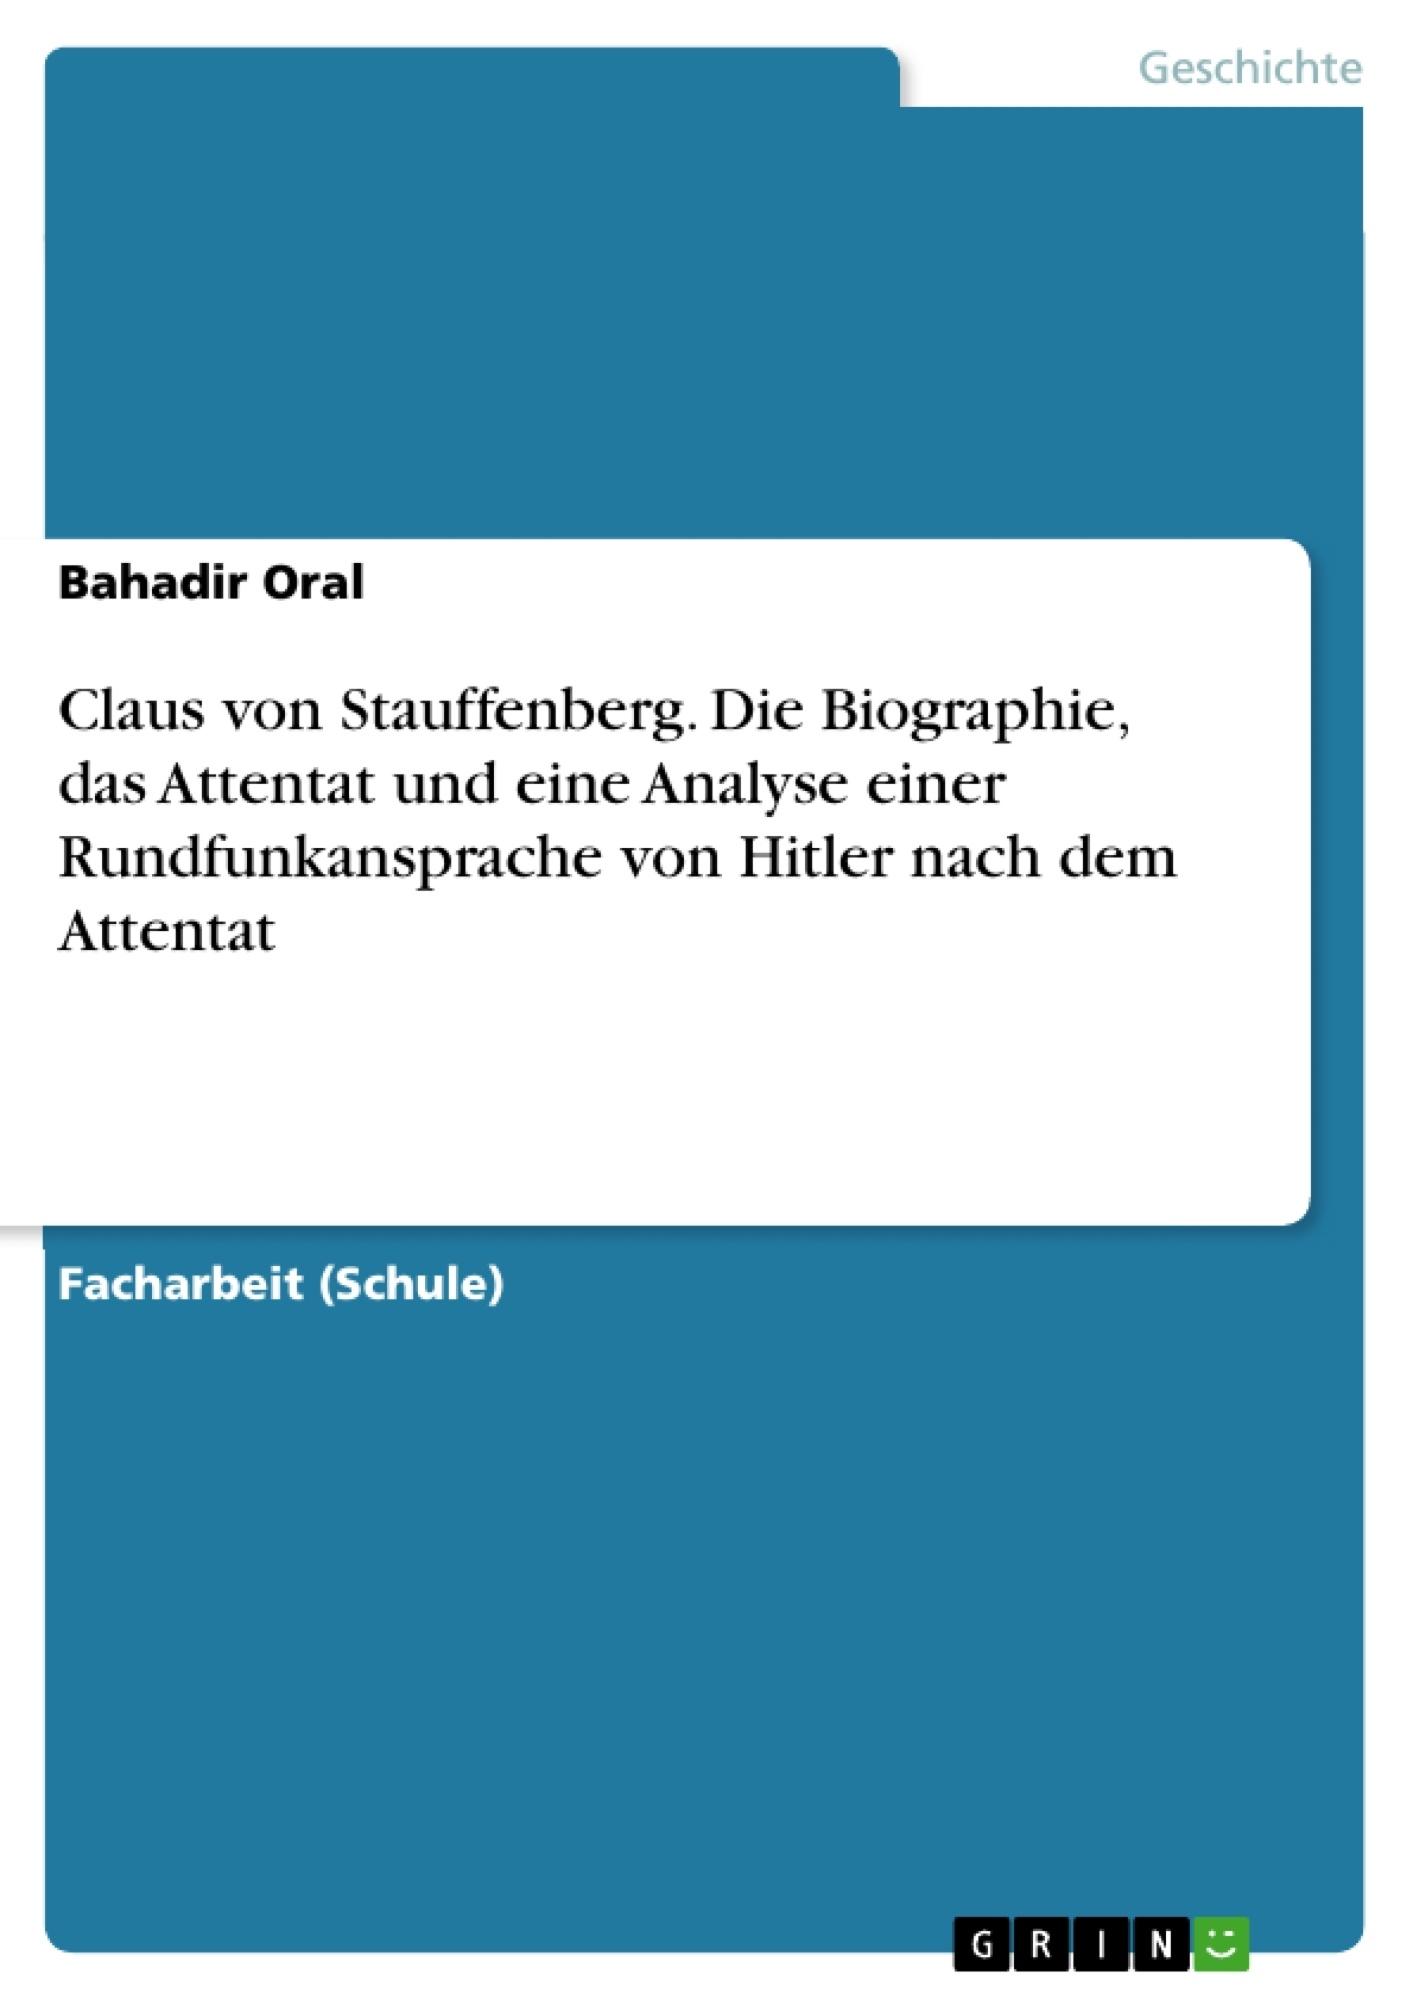 Titel: Claus von Stauffenberg. Die Biographie, das Attentat und eine Analyse einer Rundfunkansprache von Hitler nach dem Attentat